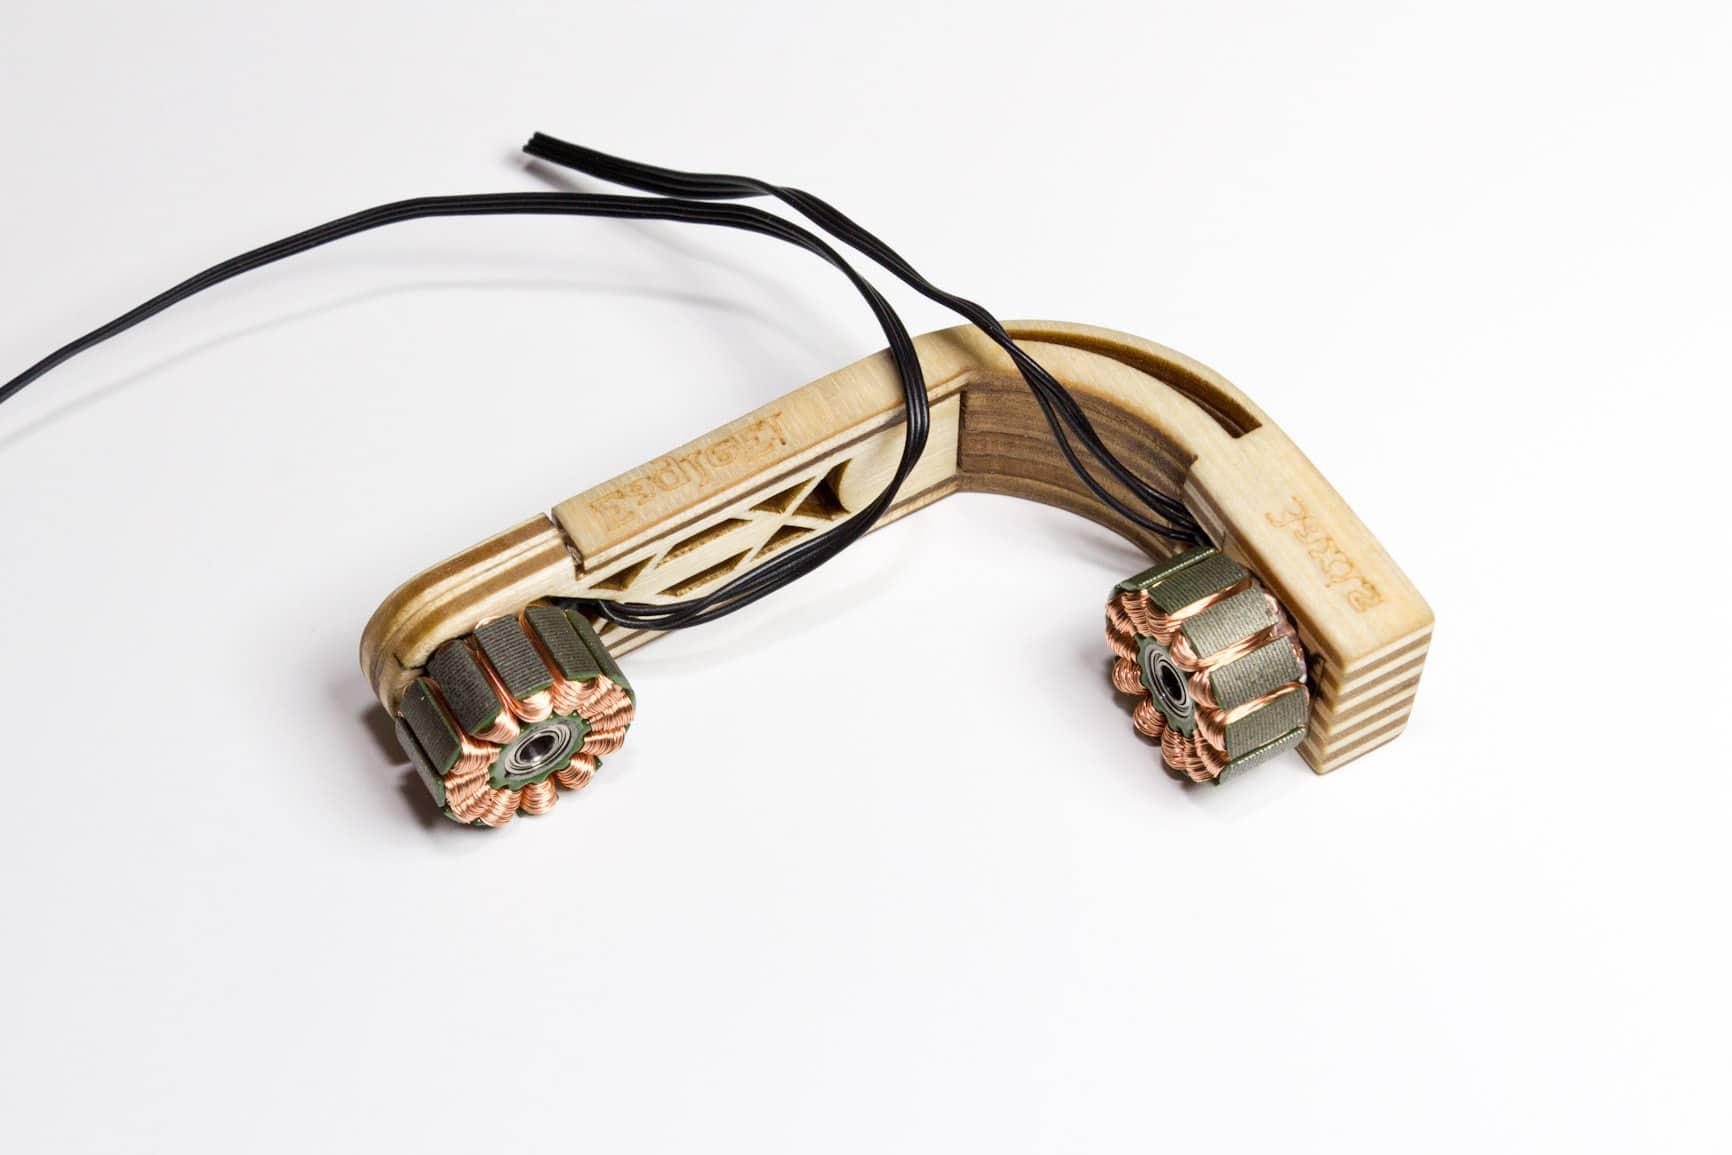 Verkabelung für das EagleEi 360° Gimbal | OPEN DIY PROJECTS